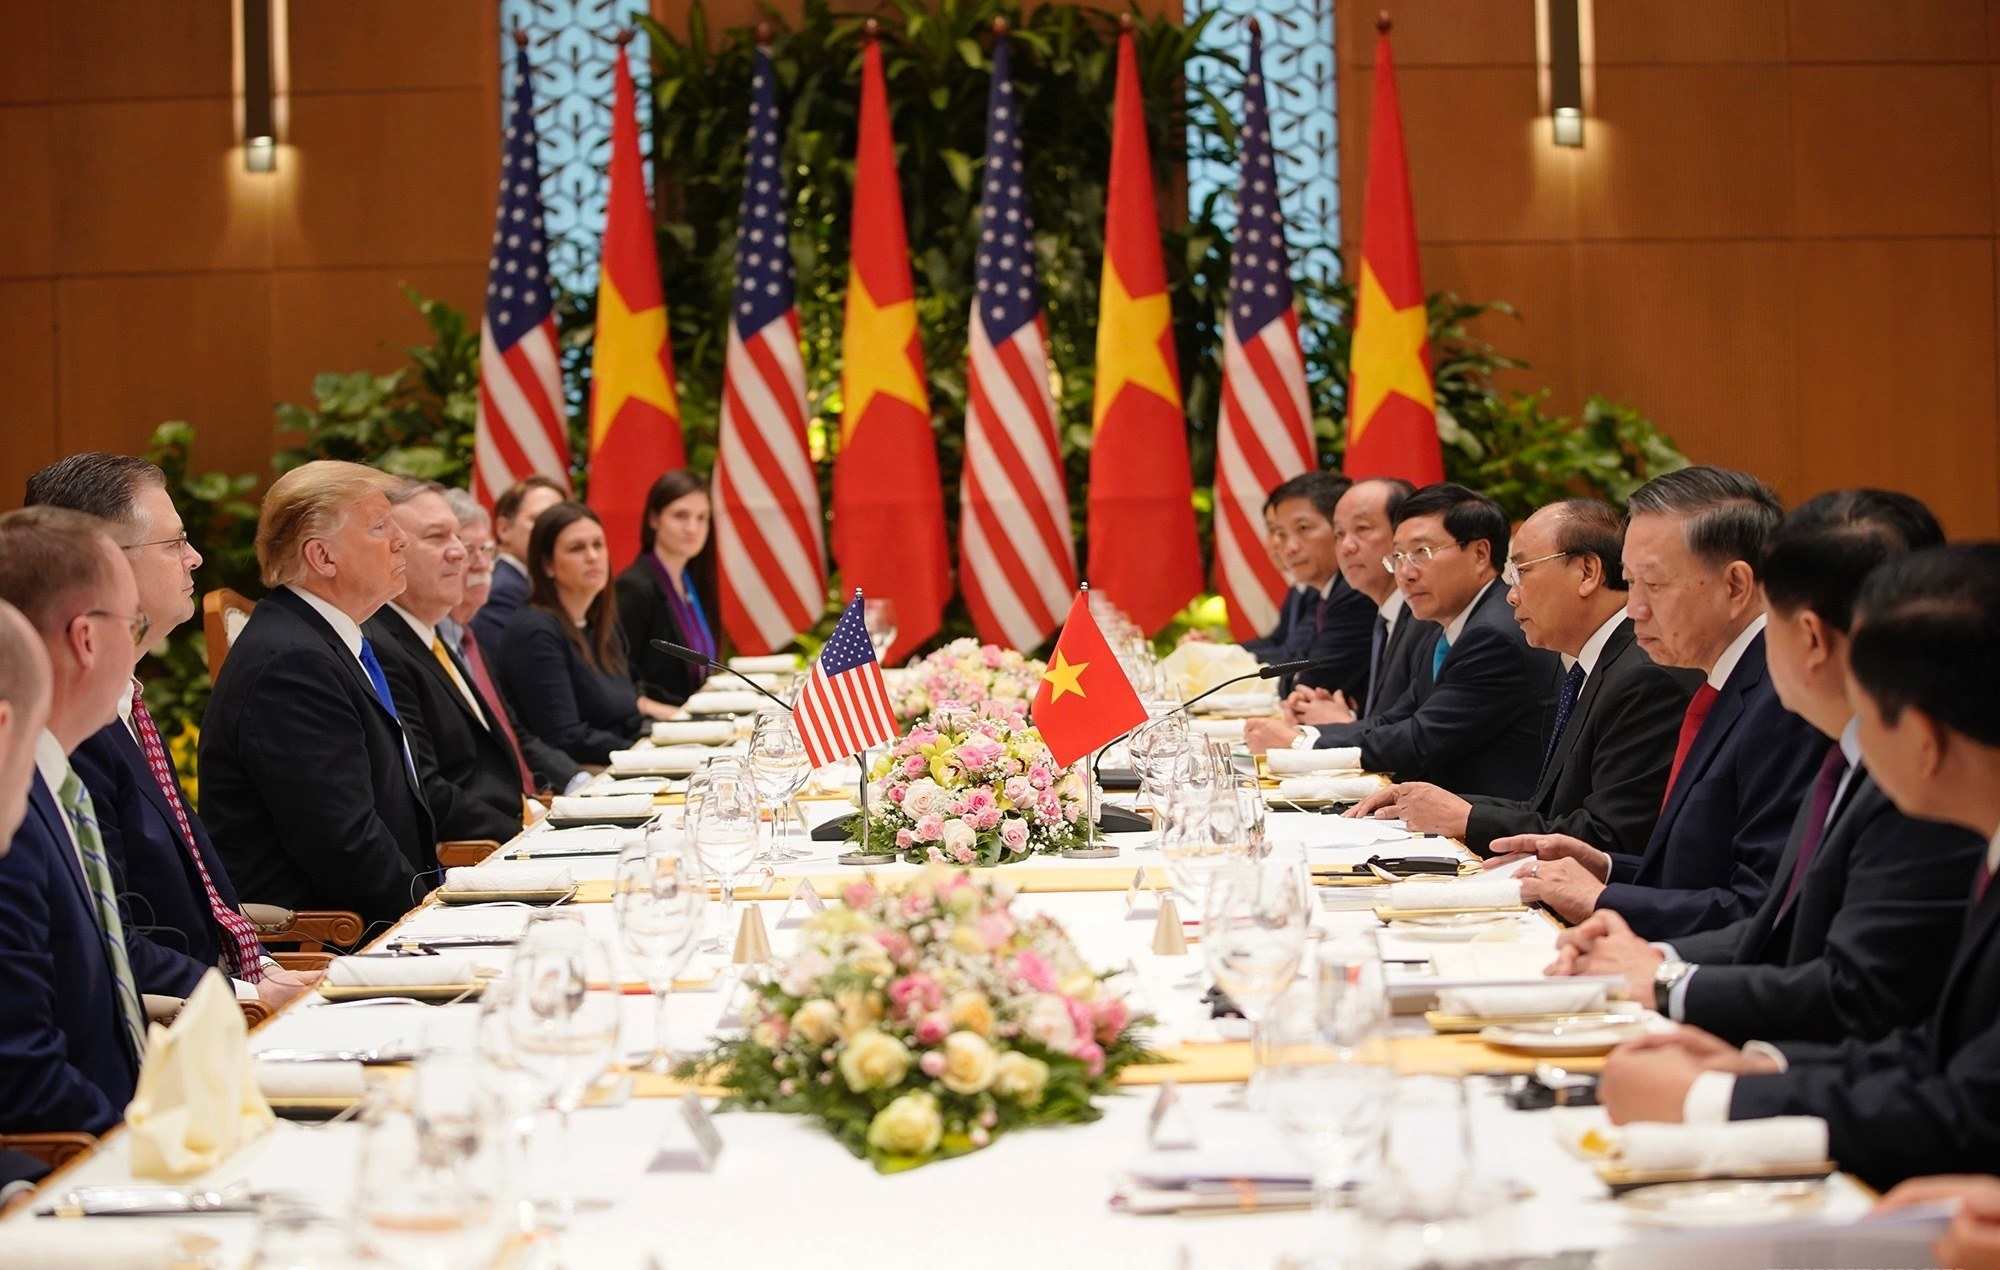 Tiệc trưa của Thủ tướng Việt Nam và Tổng thống Mỹ Trump có gì đặc biệt? - 1